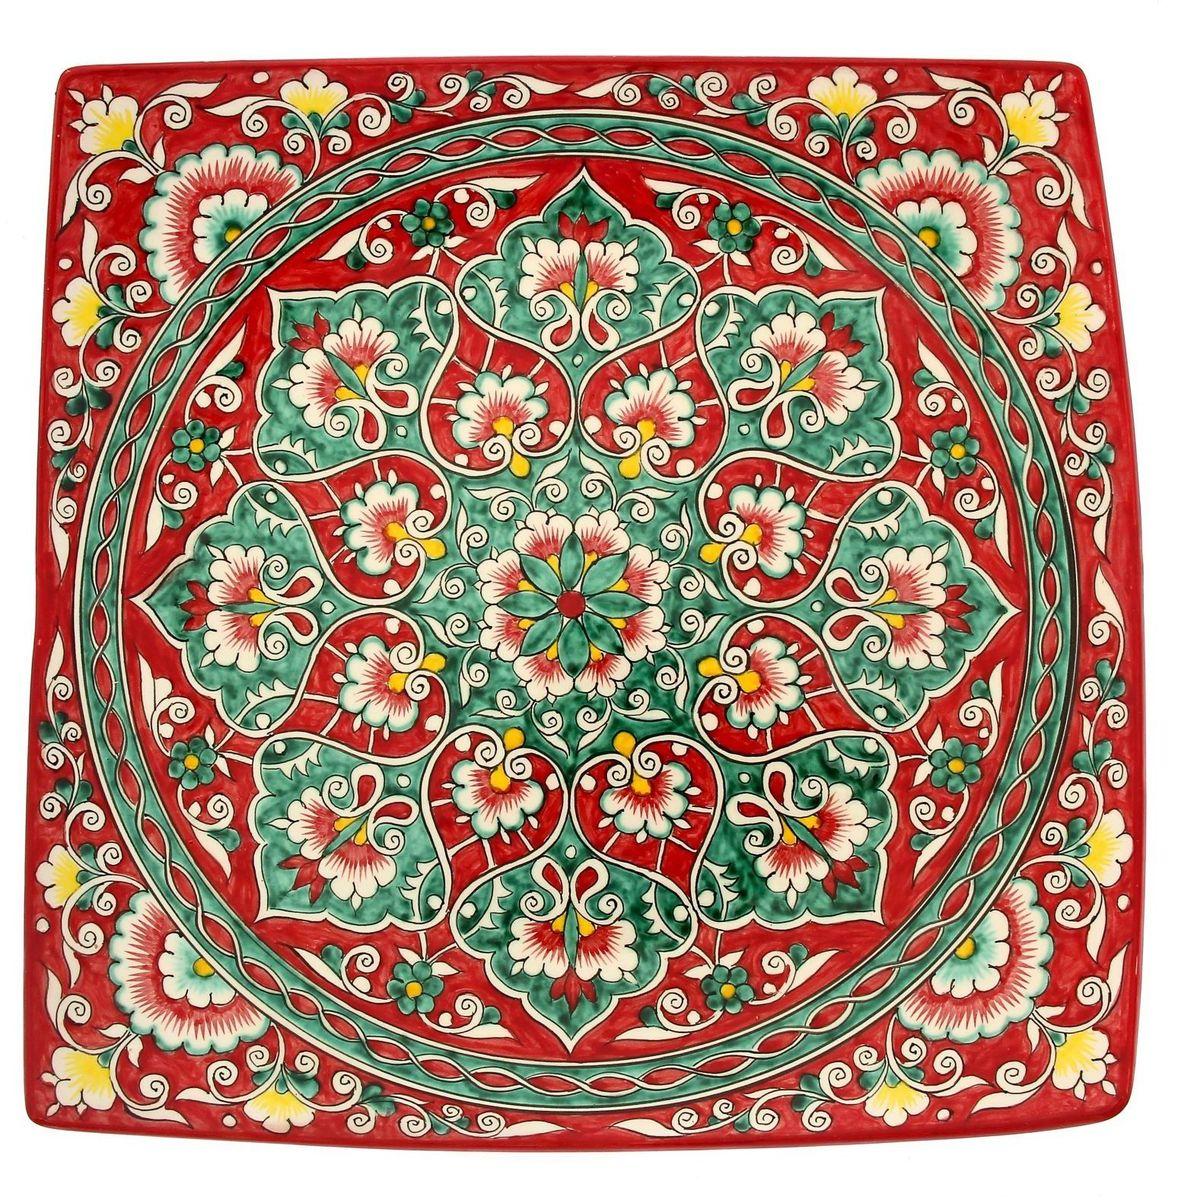 Ляган Риштанская керамика, 41 х 41 см. 19242511924251Ляган — это не просто обеденный атрибут, это украшение стола. Посуда с национальной росписью станет отменным подарком для ценителей высокородной посуды.Риштан — город на востоке Узбекистана, один из древнейших в Ферганской долине. С давних времён Риштан славится своим гончарным искусством изготовления цветной керамики. Красноватую глину для изделия добывают в самом городе. Мастера утверждают, что их глина настолько высокого качества, что даже не нуждается в предварительной обработке. Дополните коллекцию кухонных аксессуаров пряными восточными нотами.